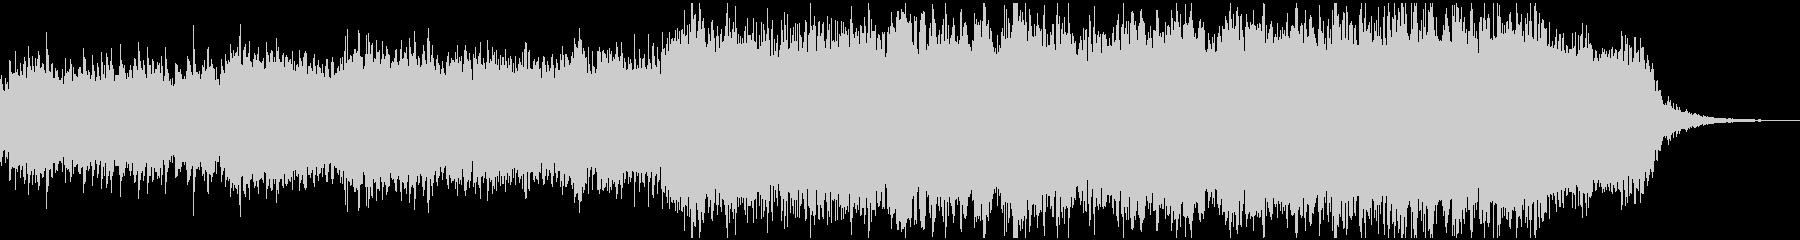 ピアノが印象的なシネマティックBGMの未再生の波形